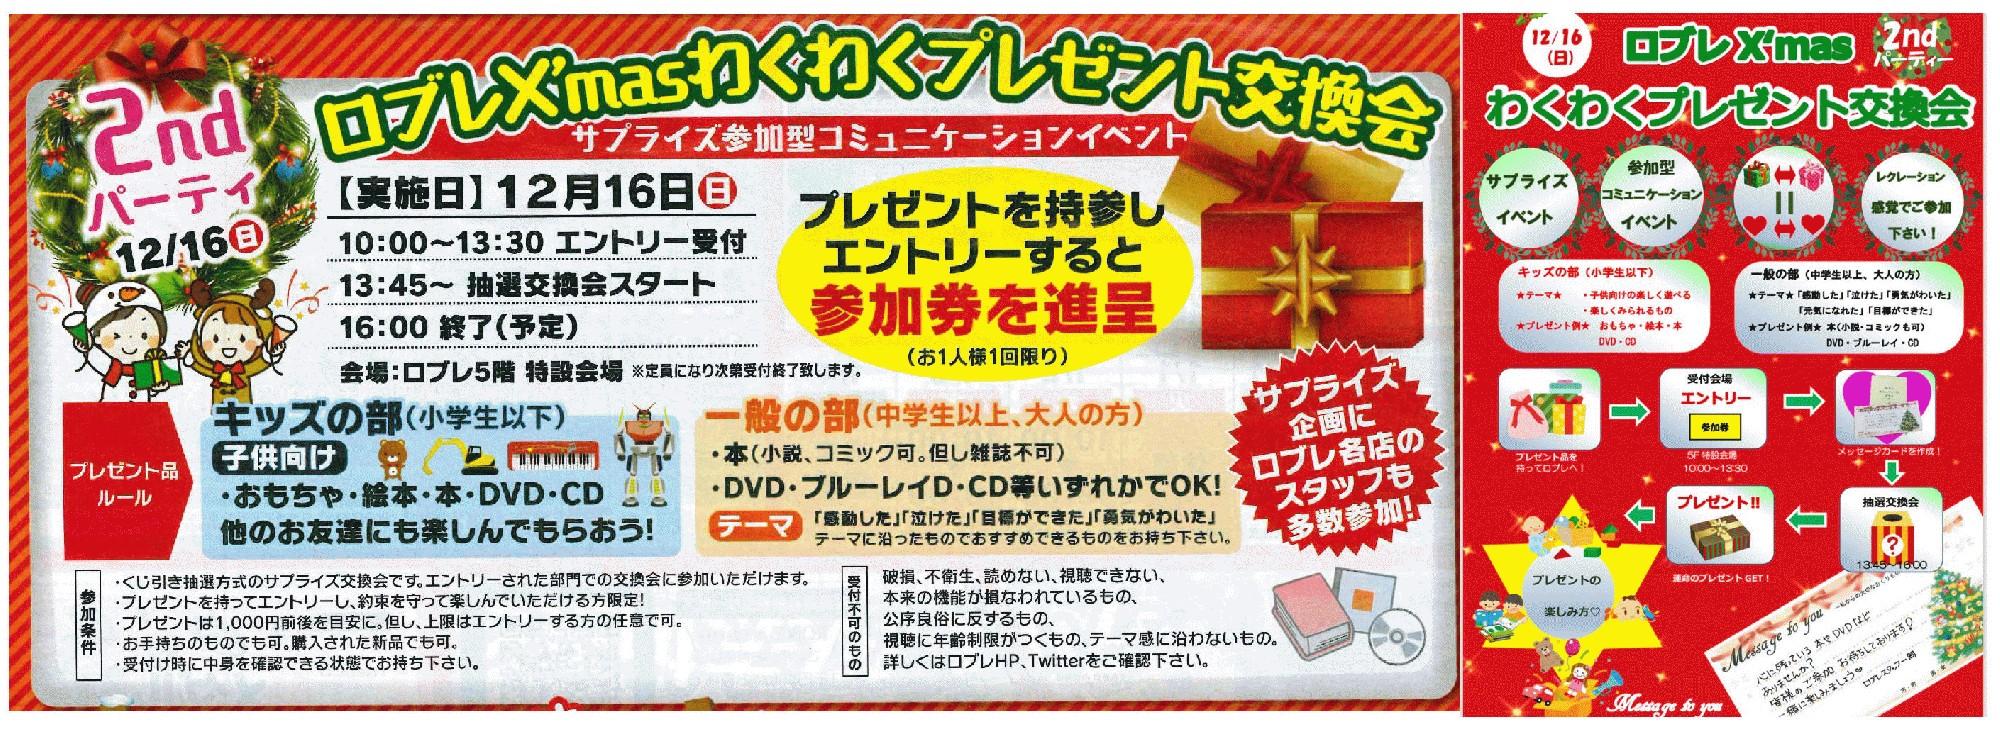 ロブレのクリスマス イベント 【第2弾】